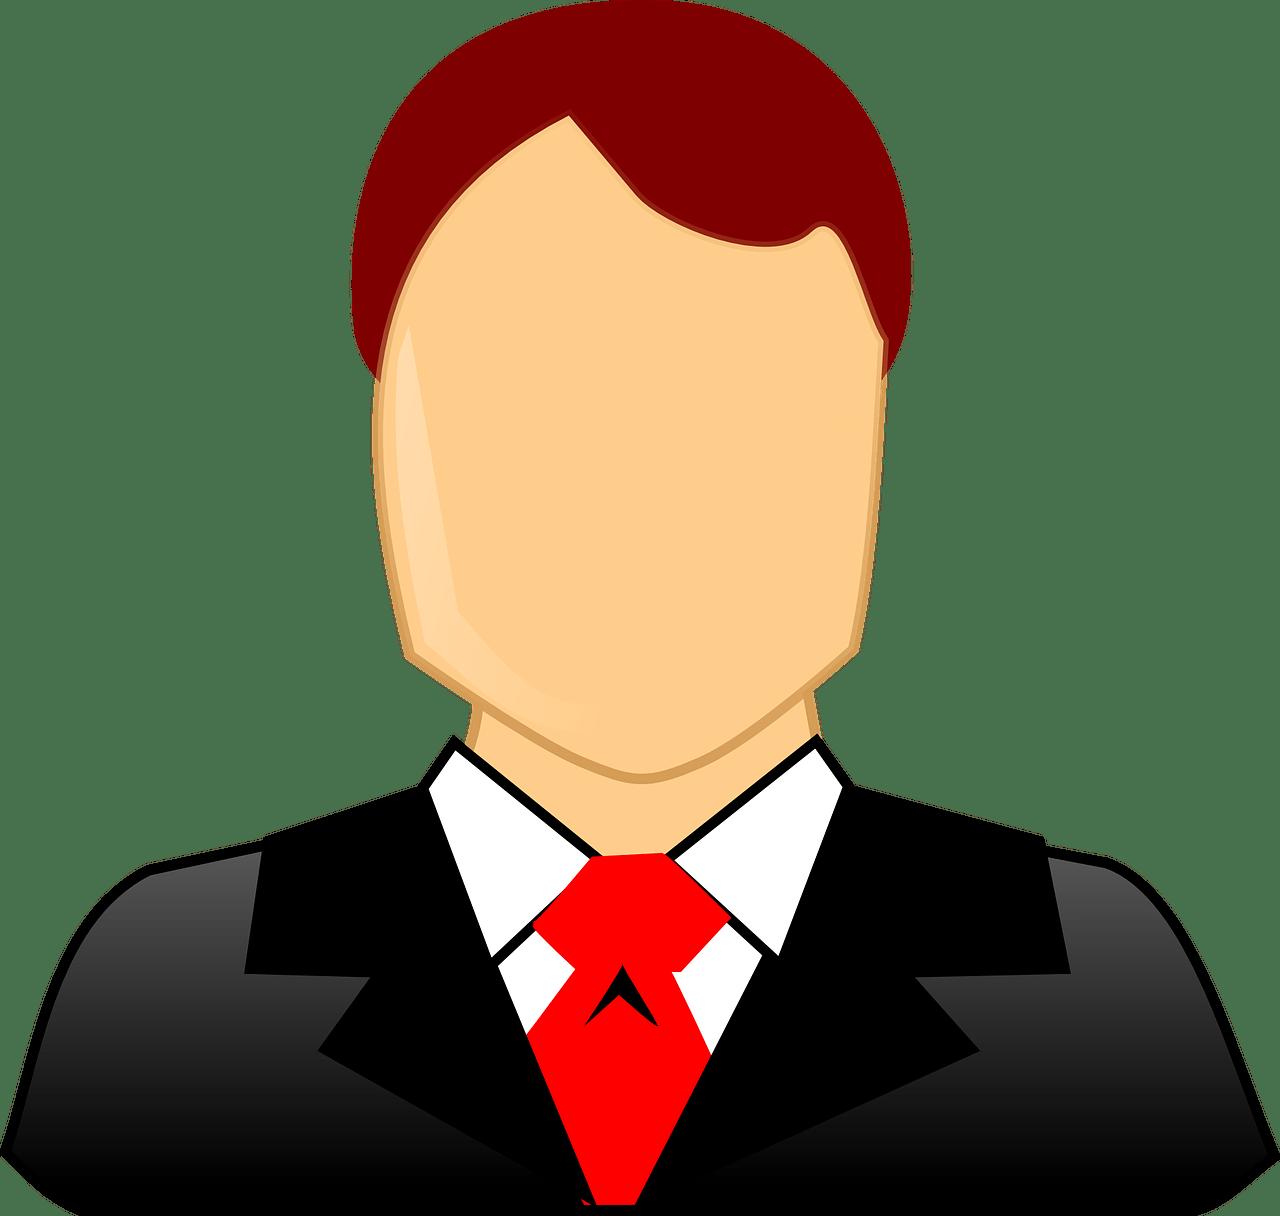 avatar bild männlich